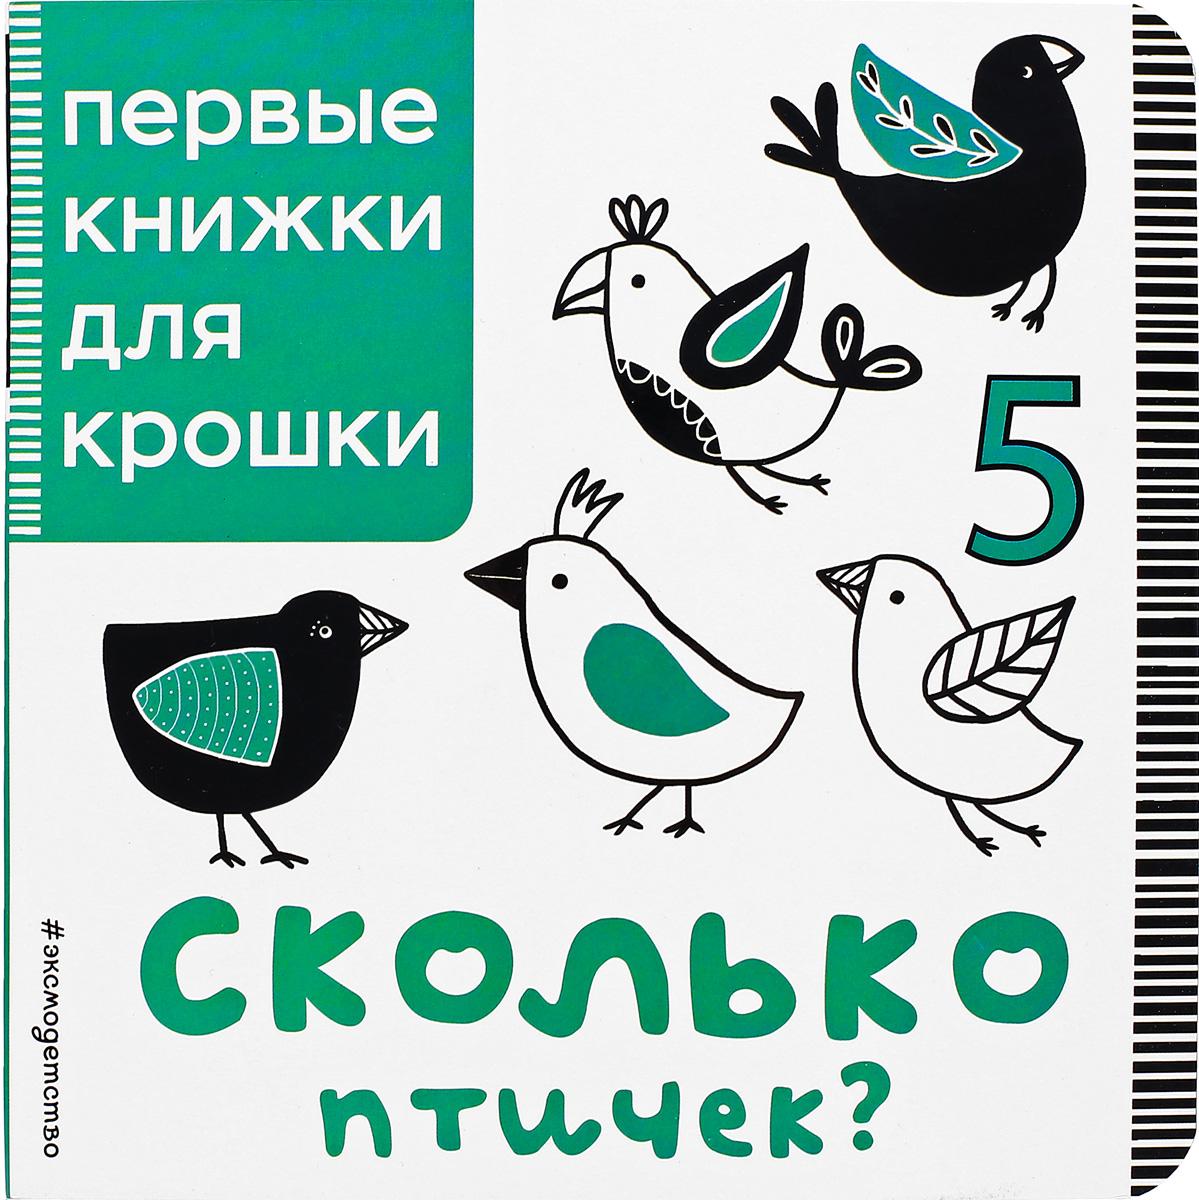 Сколько птичек? асиксы сколько стоят